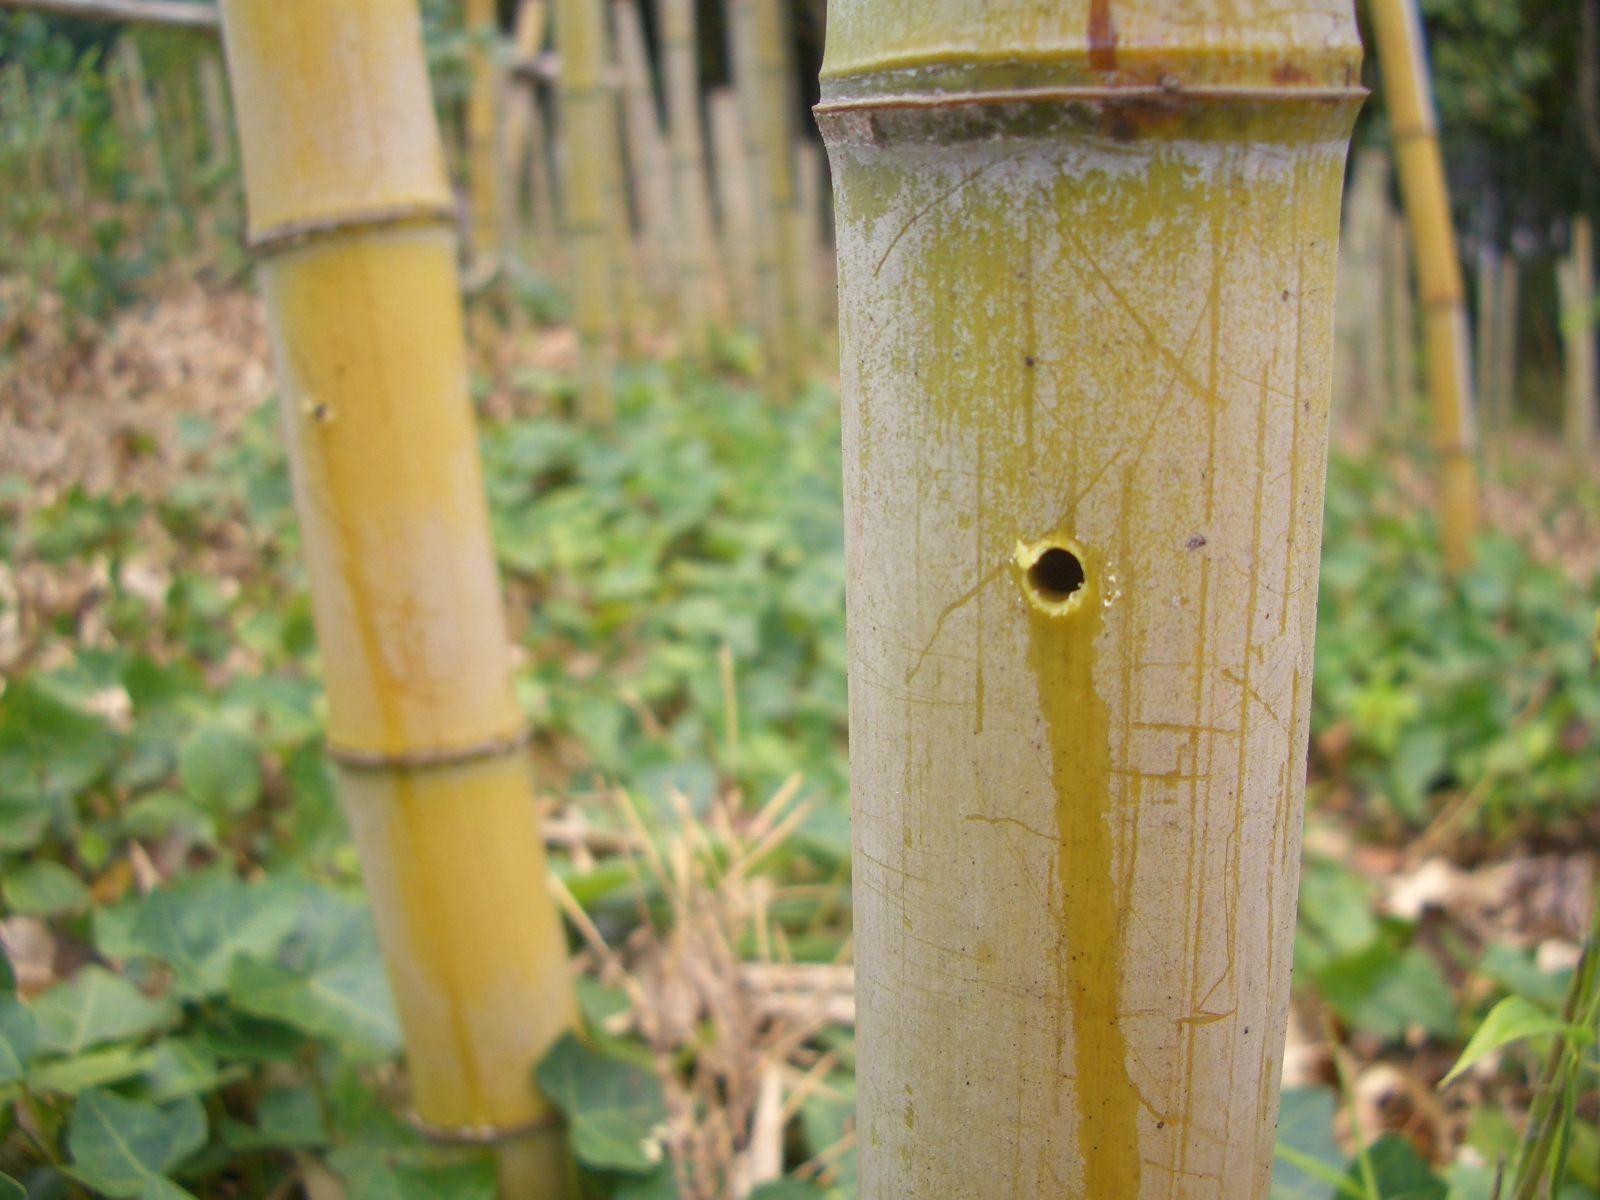 剤 枯らす 除草 竹 を